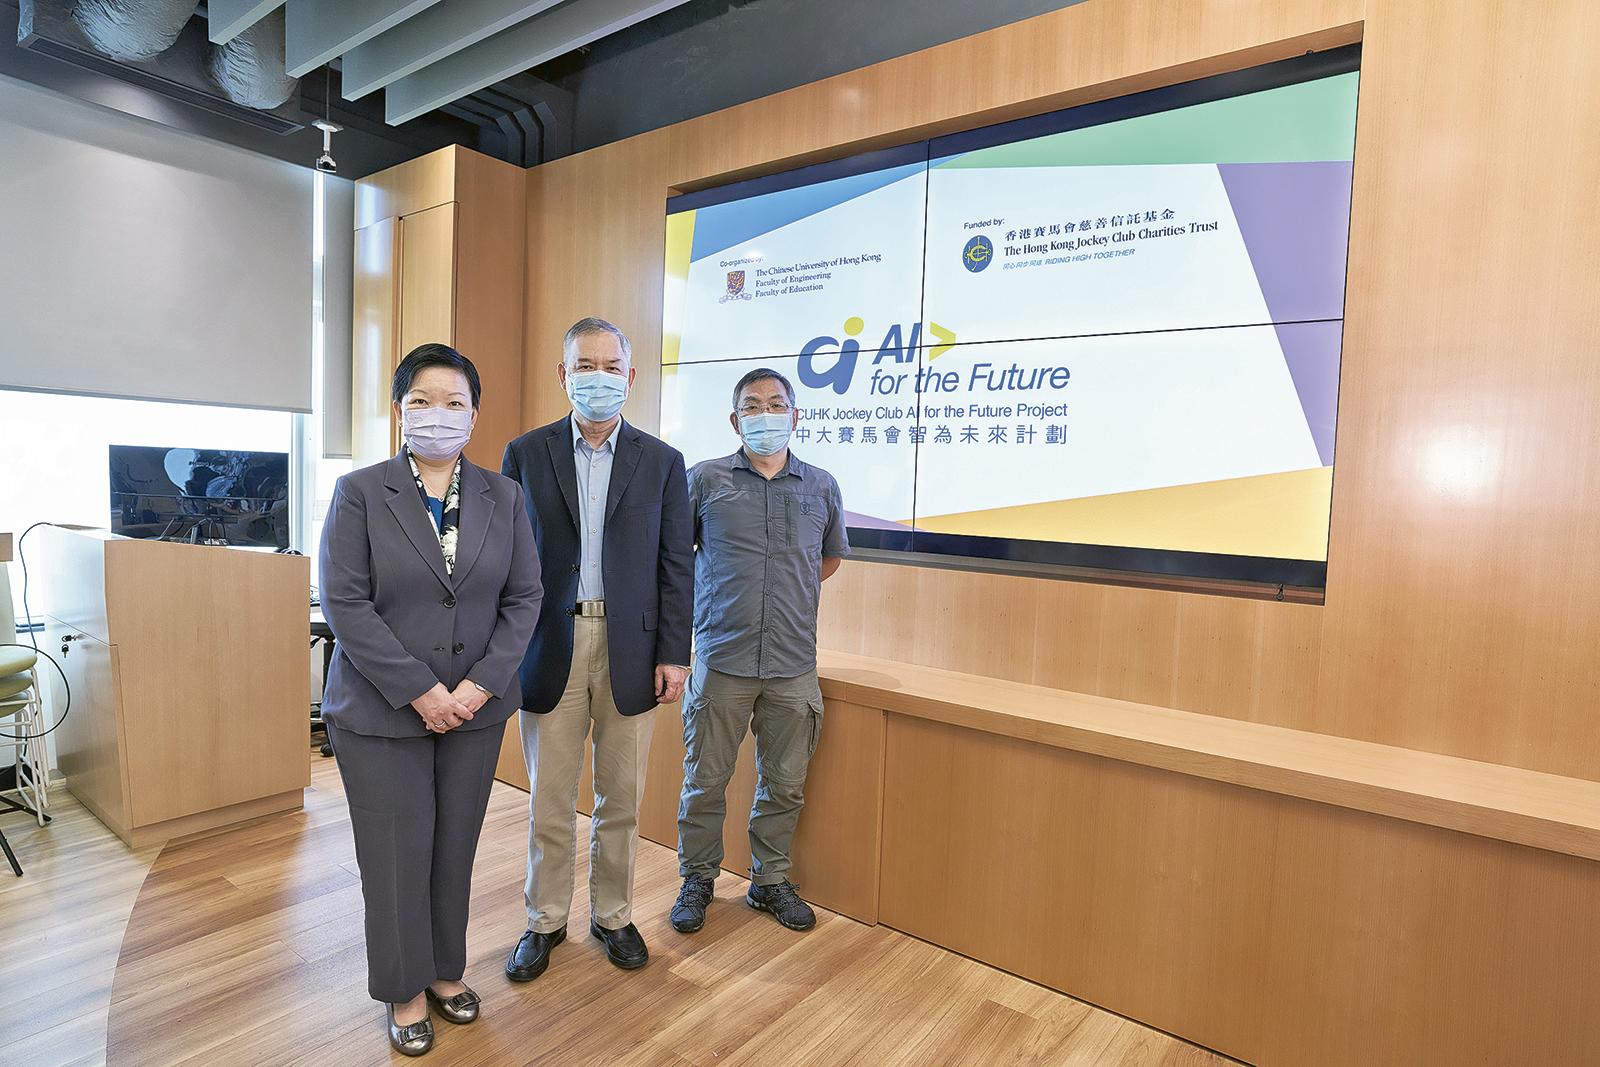 中大賽馬會「智」為未來計劃<br/>全面支援 助學界實踐AI普及教育